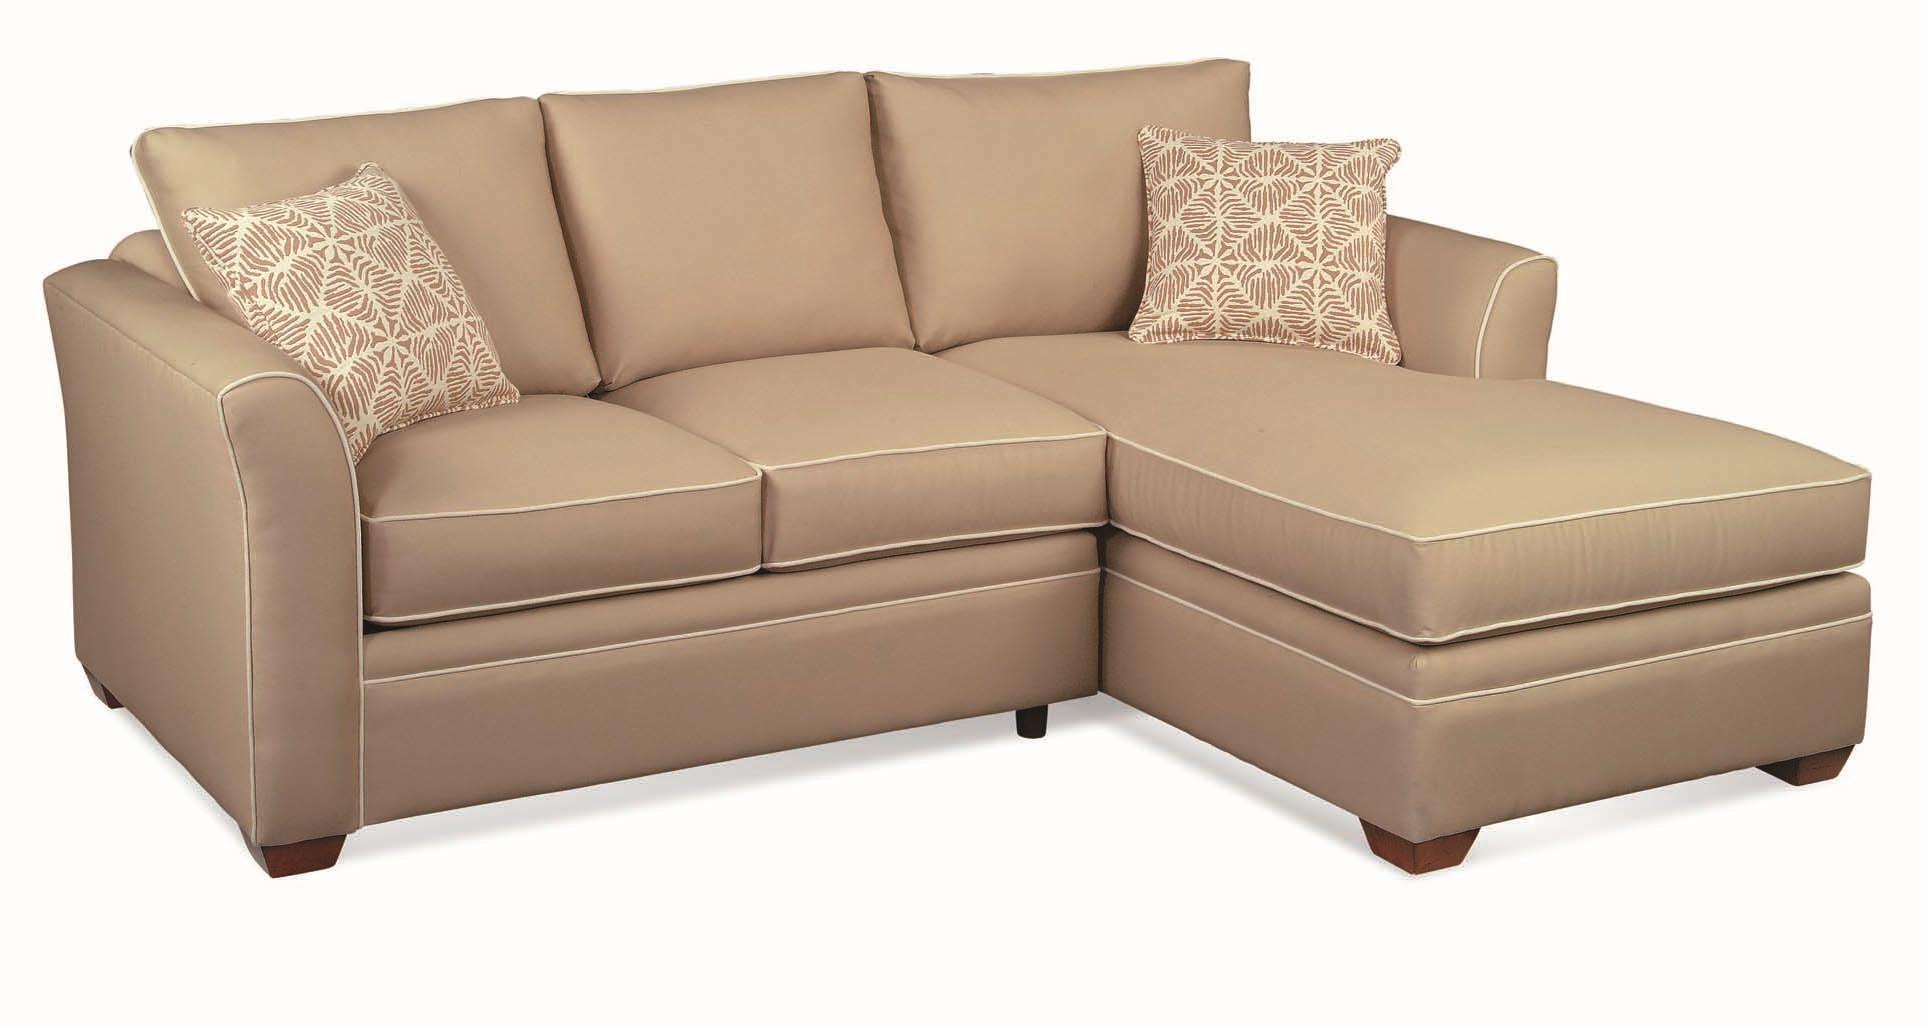 Merveilleux Braxton Culler Bridgeport2 Piece Sectional Sofa